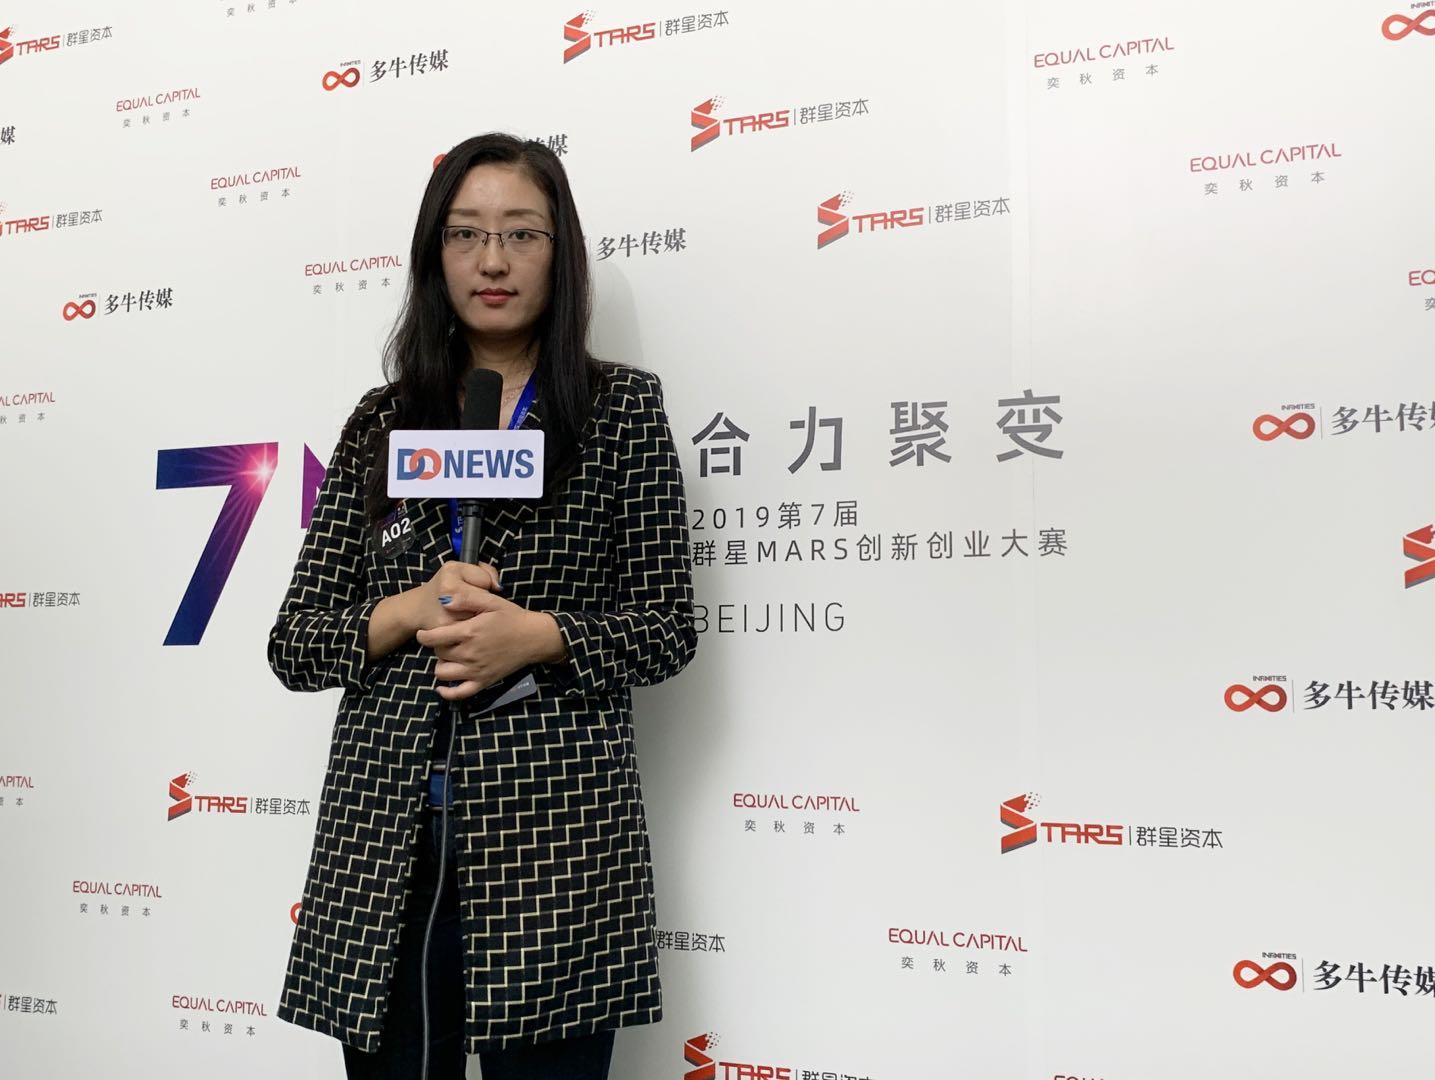 """【2019MARS】九天星:六大板块构建""""戏曲动漫+""""文化产业IP"""